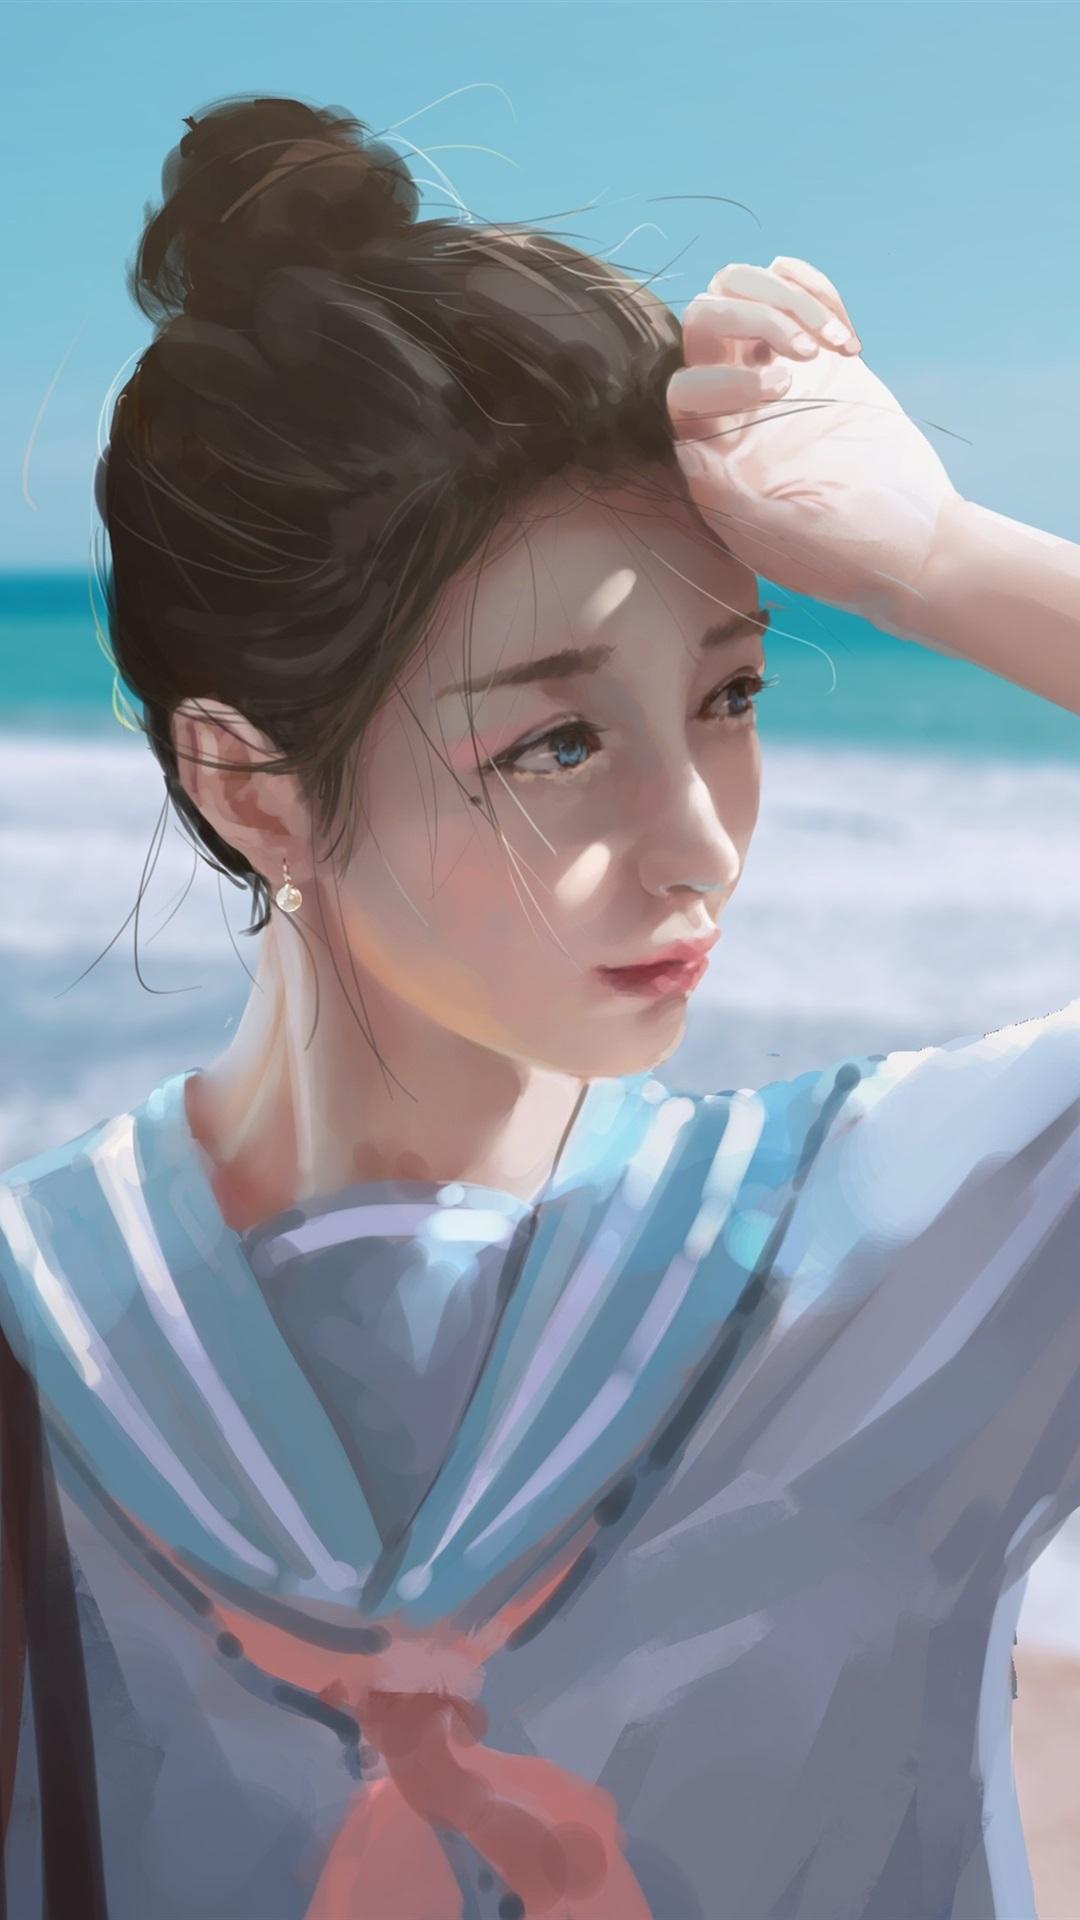 壁紙 女子高生 海 浜 水彩画 3840x2160 Uhd 4k 無料のデスクトップ